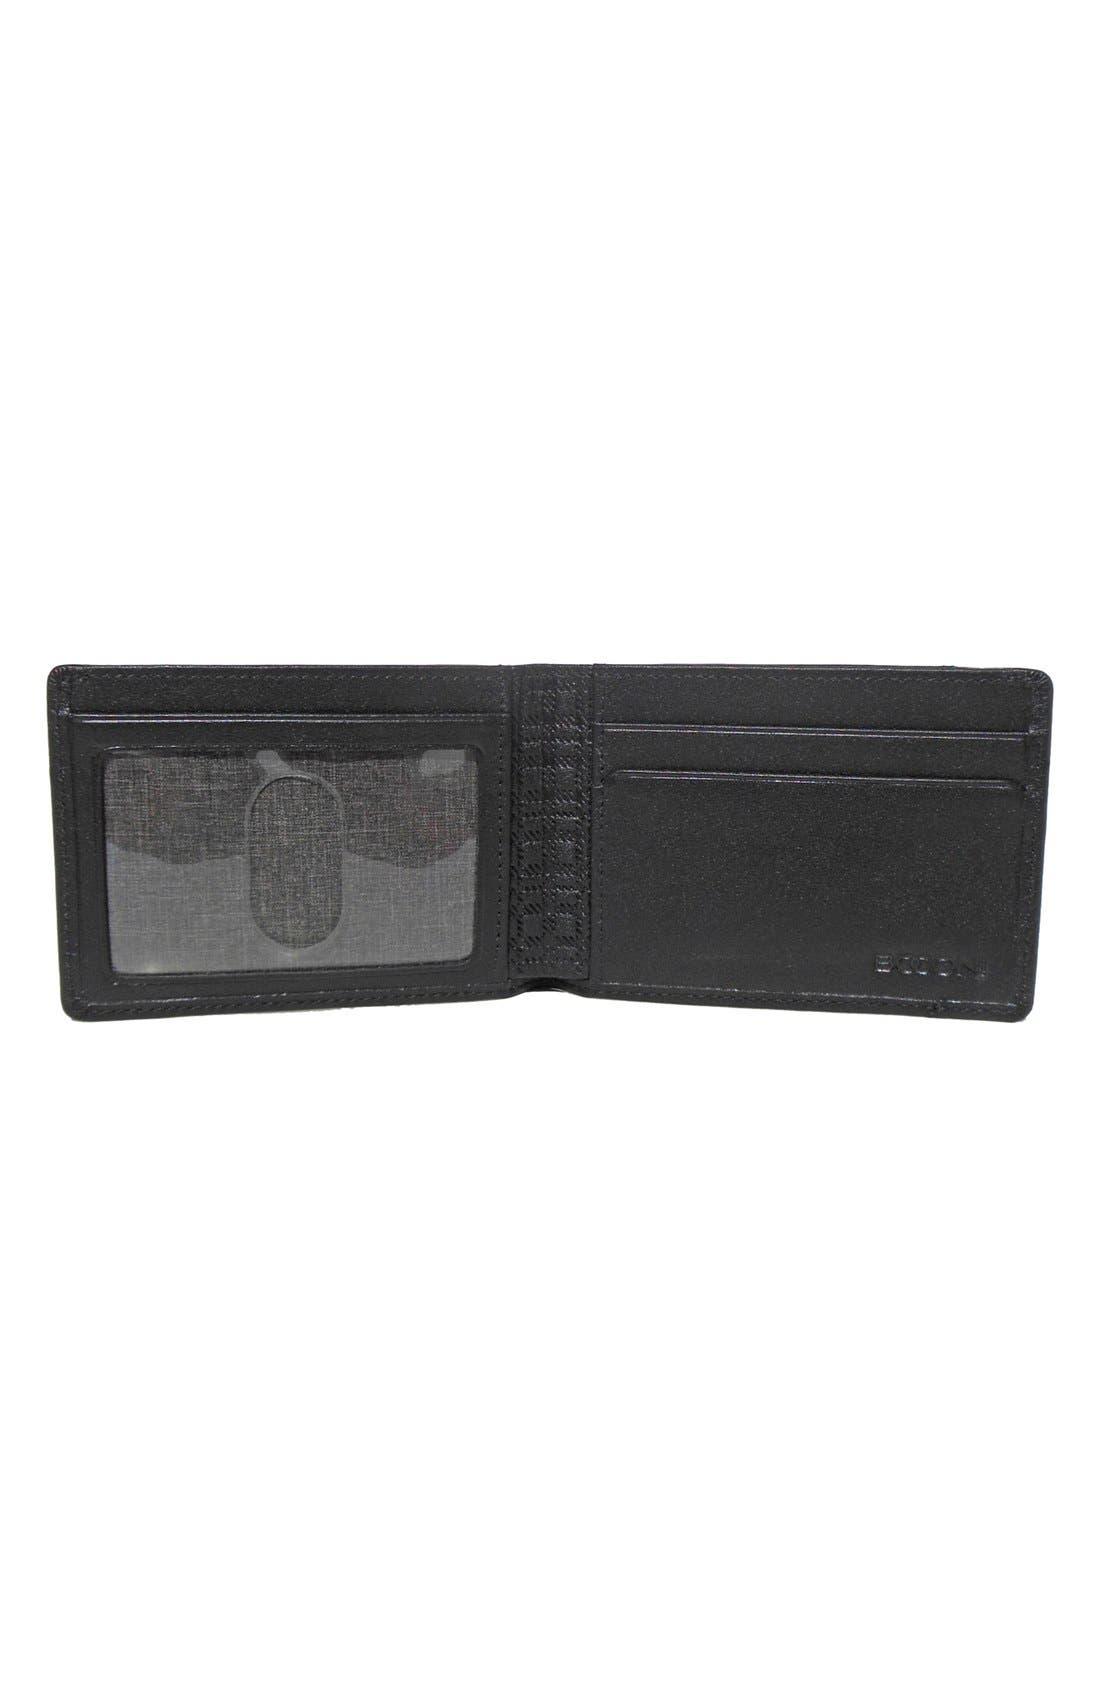 'Grant Slimster' RFID Blocker Leather Wallet,                             Alternate thumbnail 2, color,